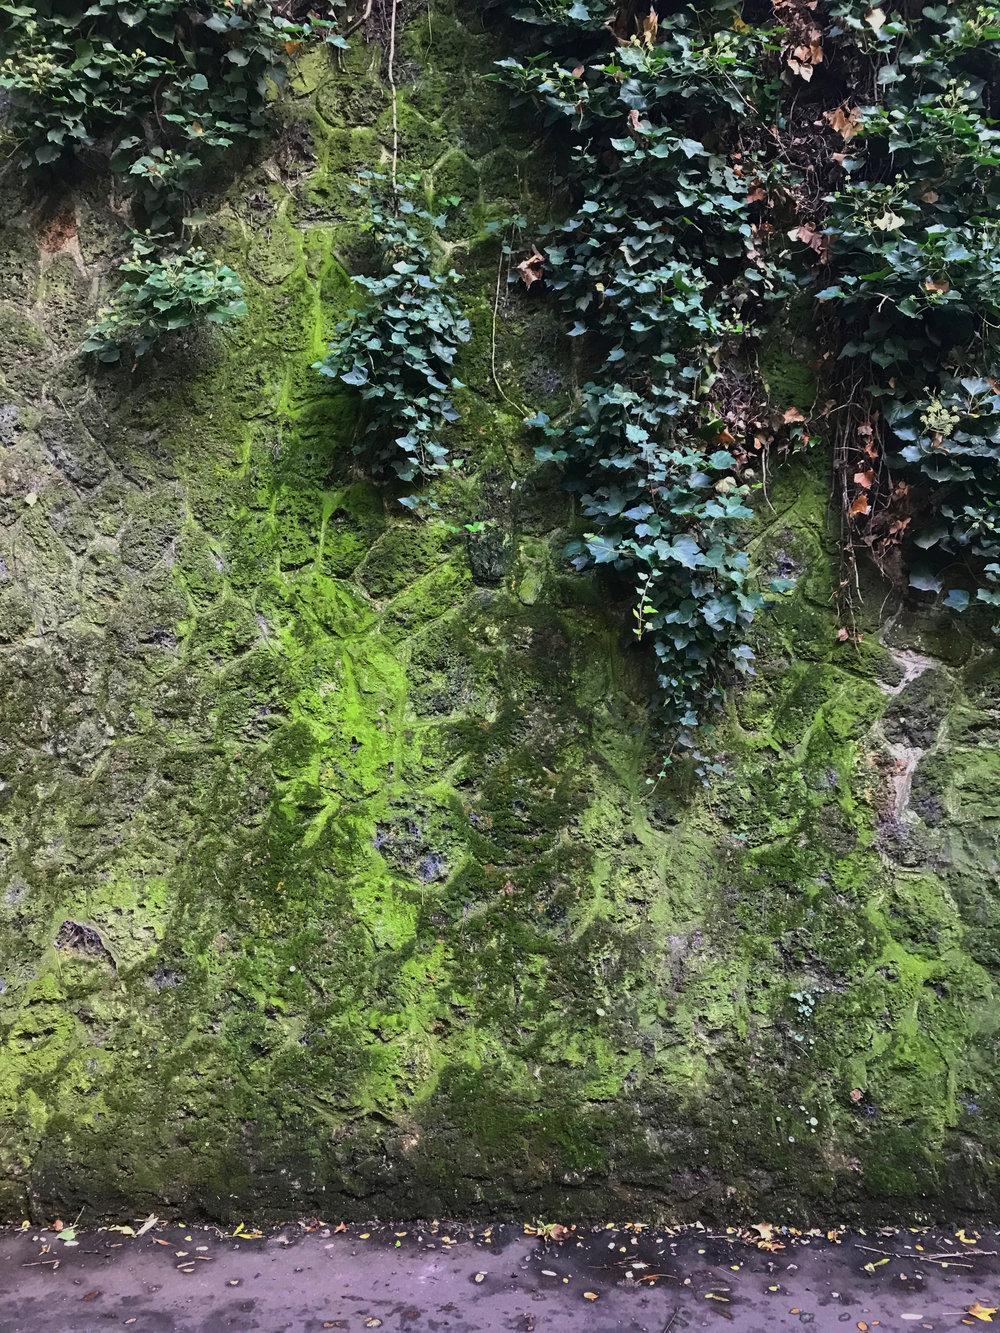 BAURAIN SS18 vegetation Paris